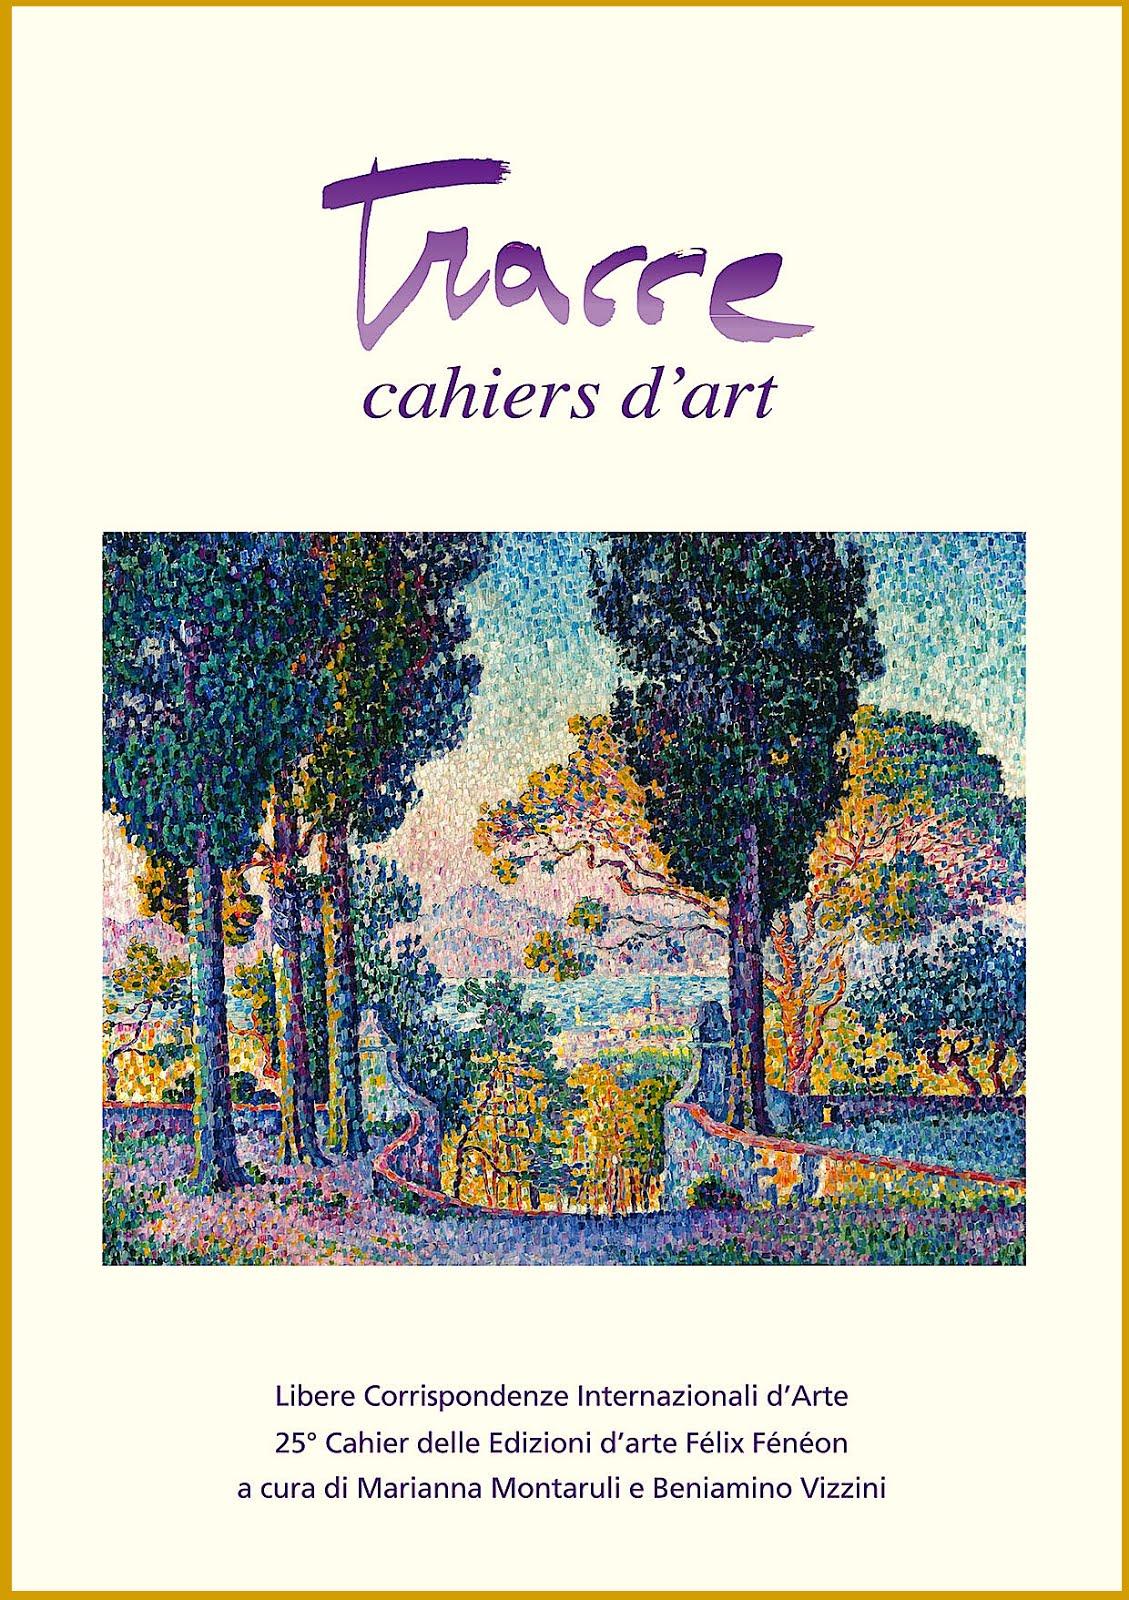 <br>Copertina del N. 25 di TRACCE CAHIERS D&#39;ART.<br>Per sapere su Mostre e Artisti CLIC sulla foto: